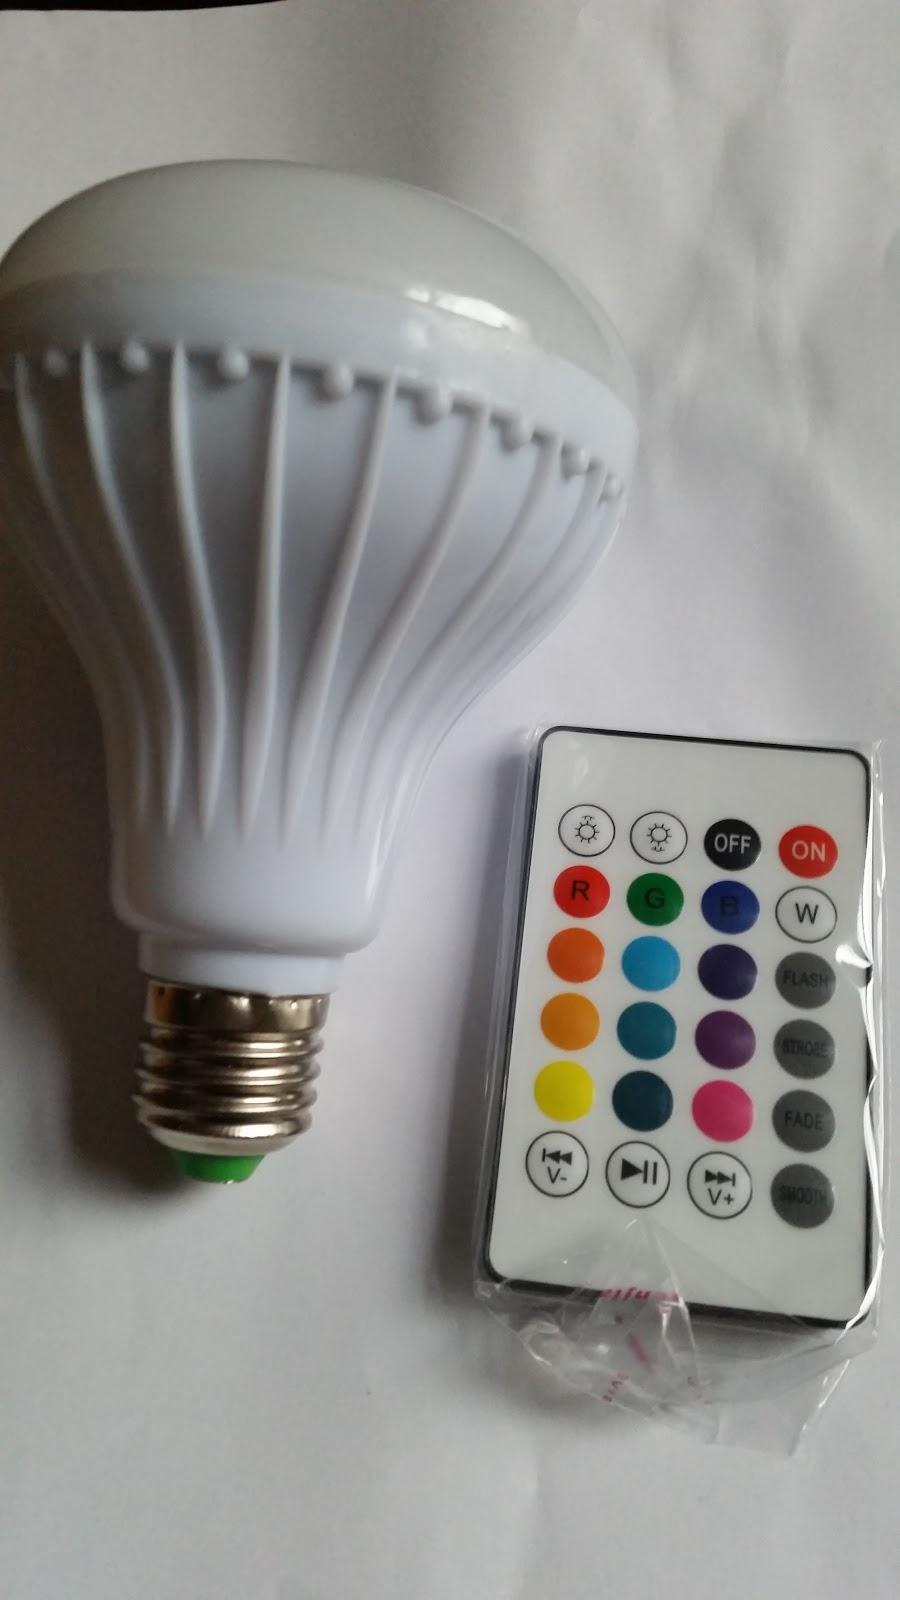 Hot Wireless Bluetooth 6W LED Président Bulb audio Haut-parleur Musique LED Jouer éclairage avec 24 touches E27 20pcs de contrôle à distance ww.avalonkef.com dfh rtsdf.jpg